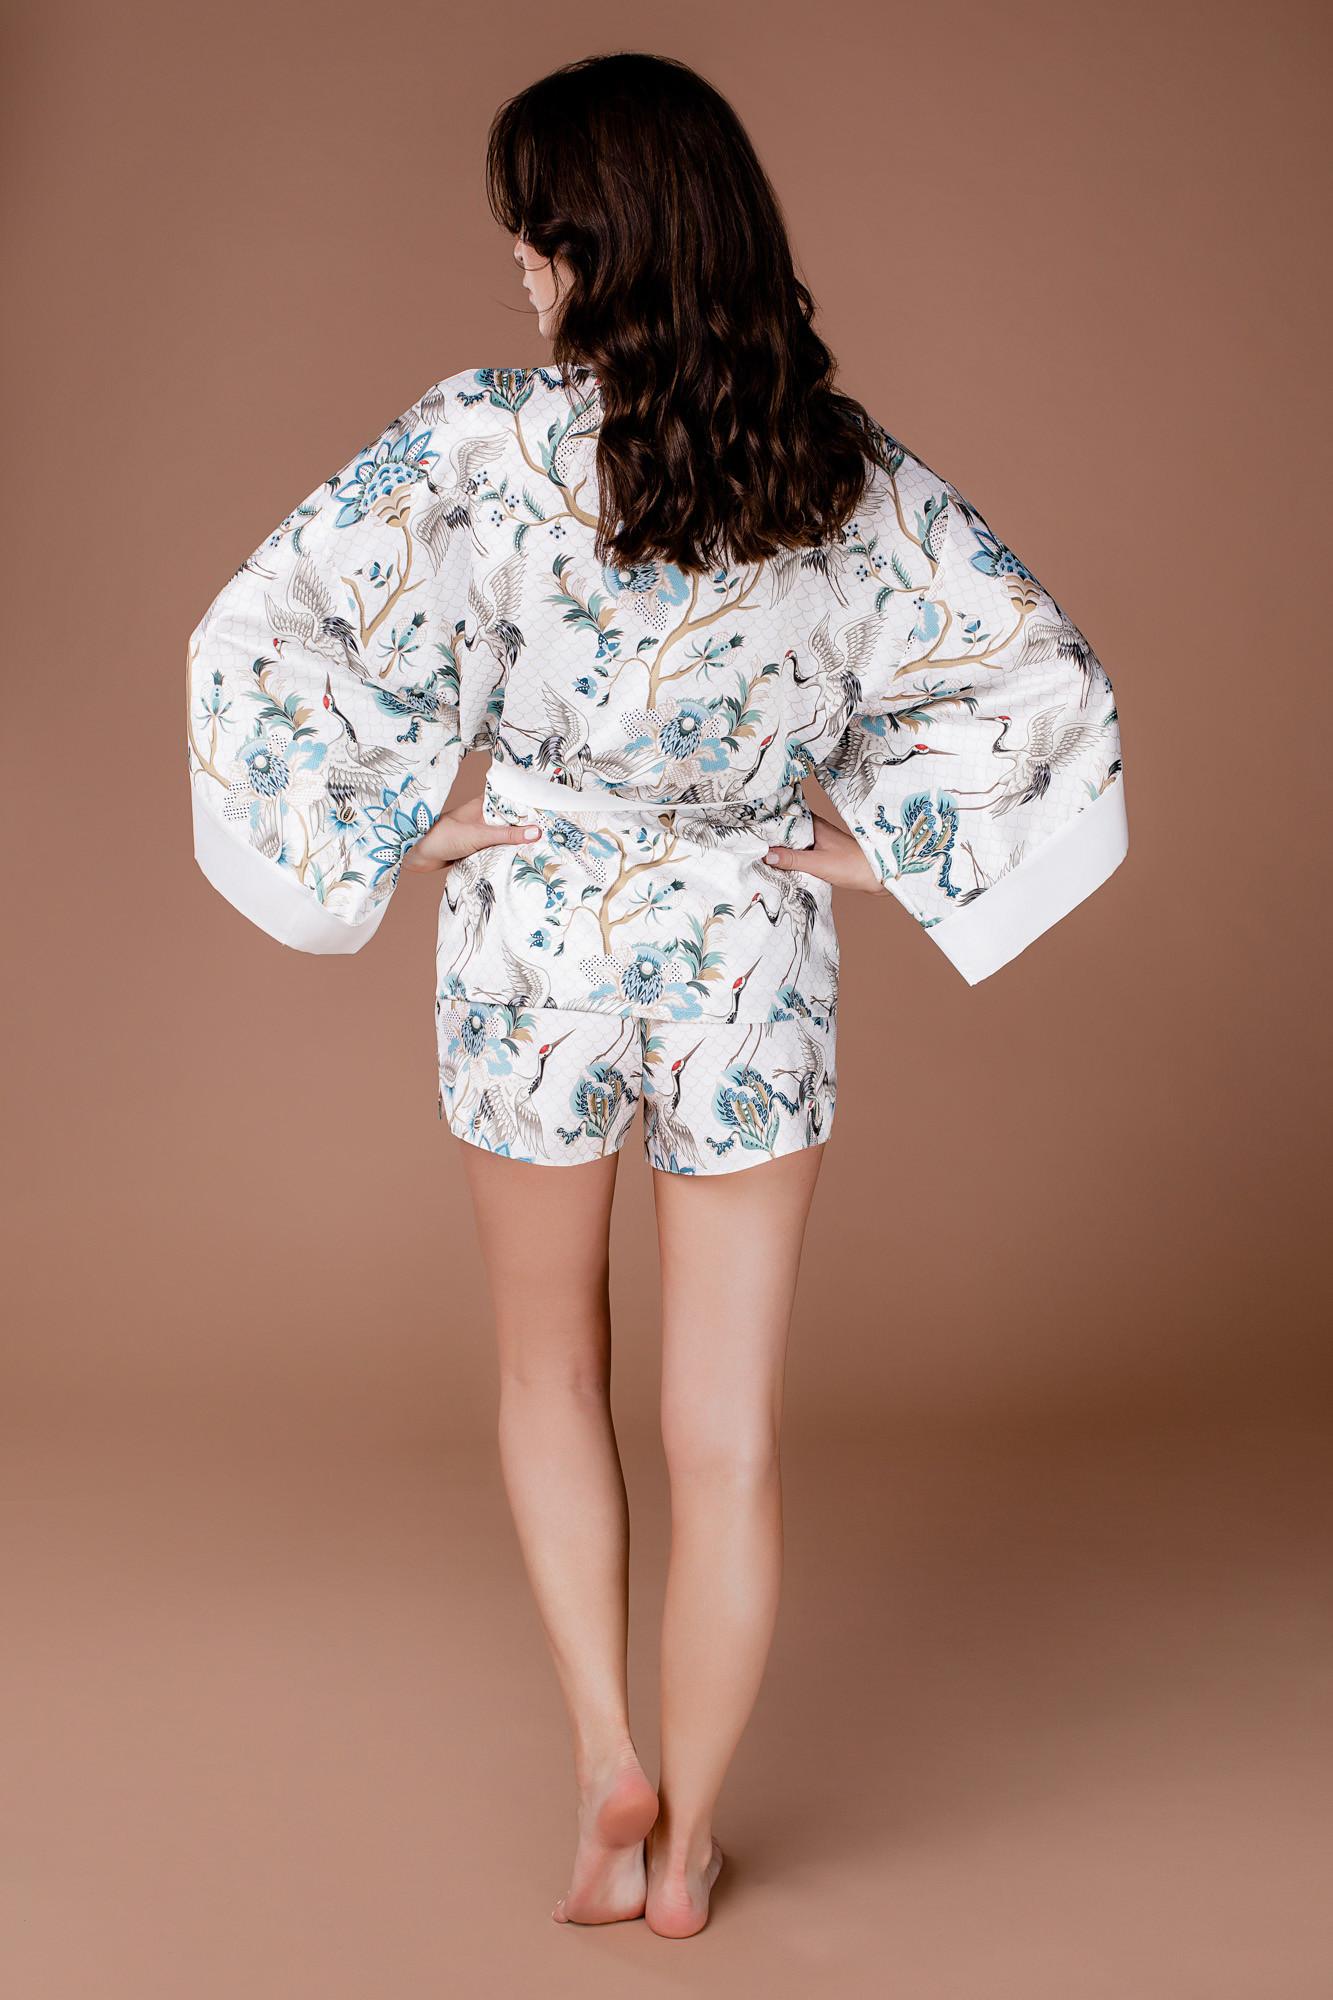 Piżama z narzutą i krótkimi spodenkami biała Sunshine - Endorfinella | JestemSlow.pl